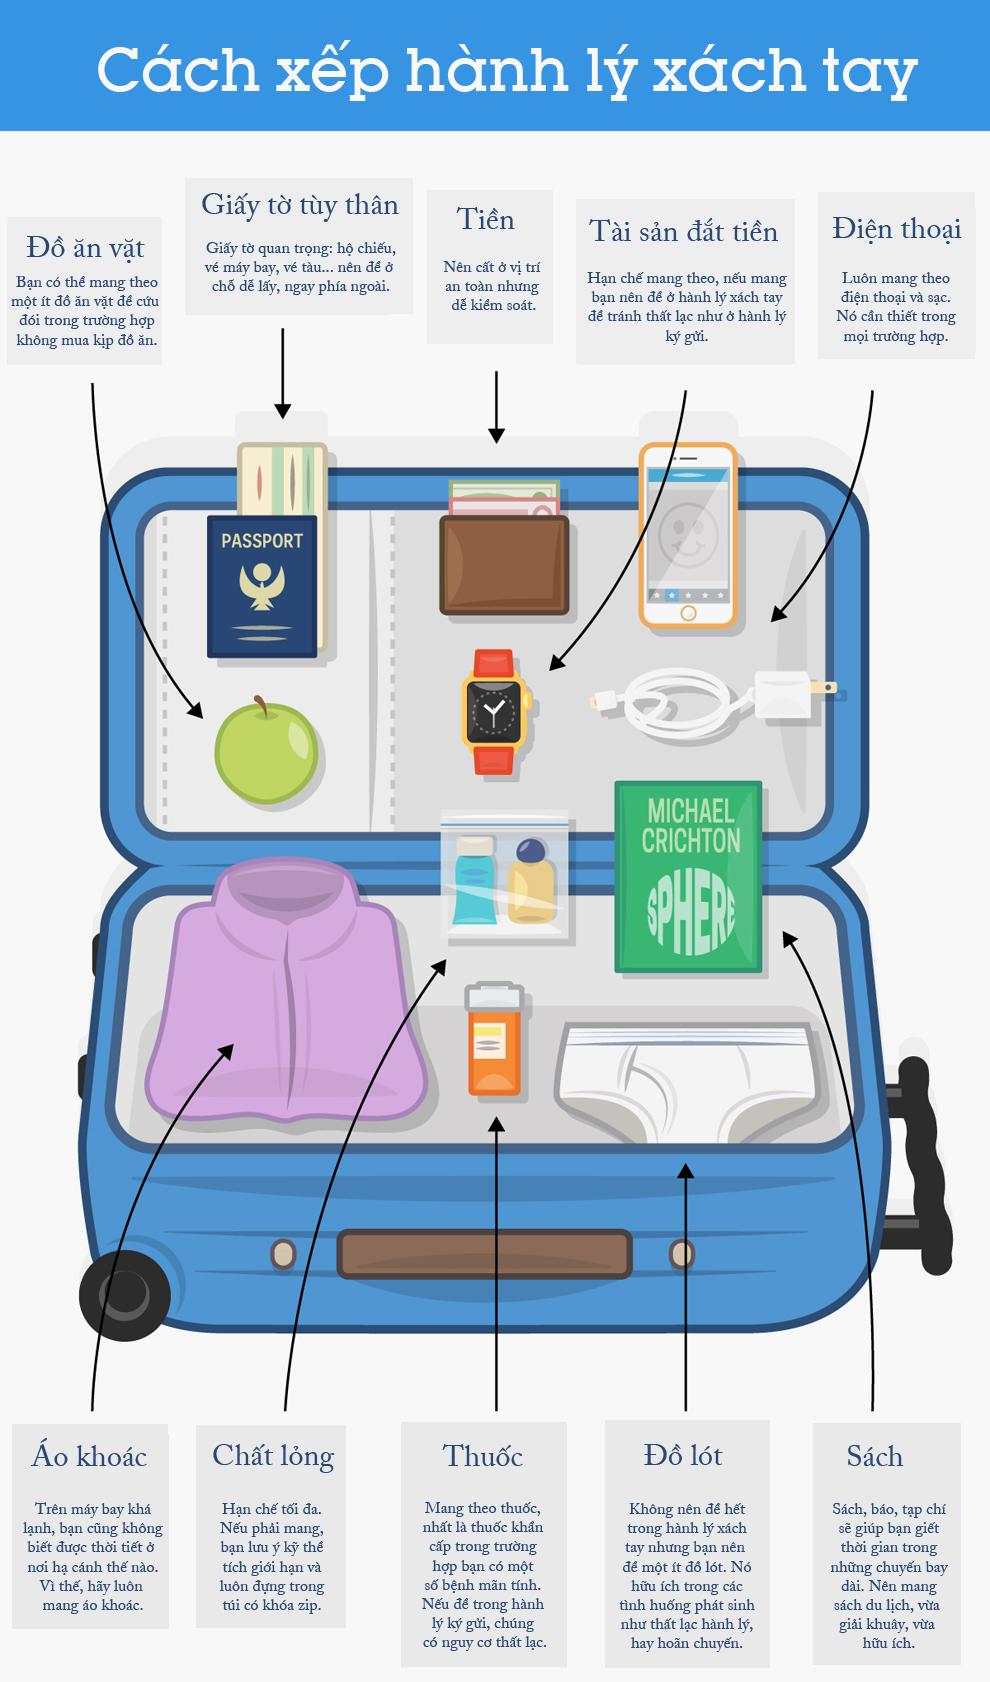 Sơ đồ sắp xếp hành lý xách tay hiệu quả